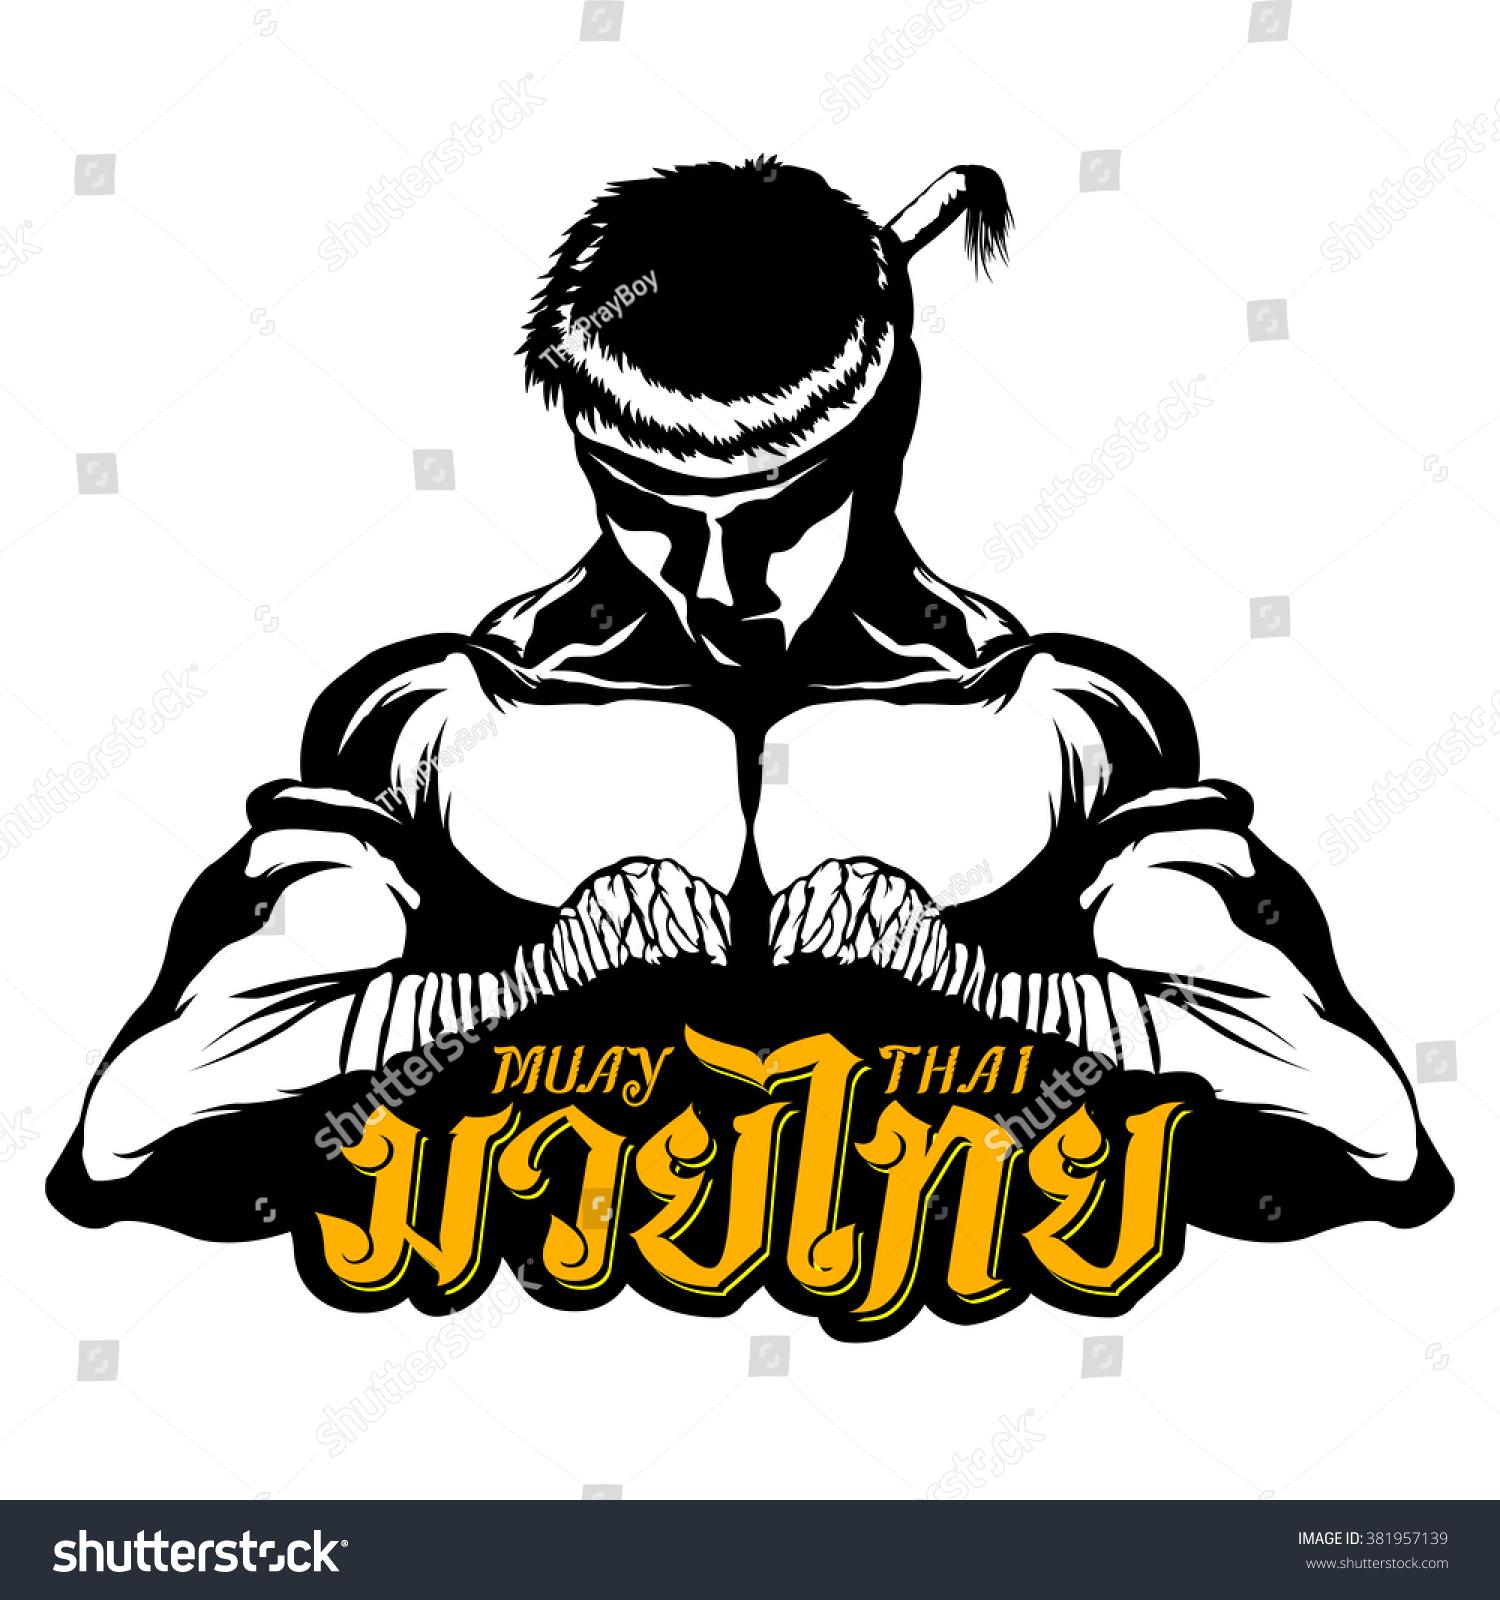 muay thai thai boxing vector logo stock vector royalty free rh shutterstock com Muay Thai Wallpaper Muay Thai Wallpaper